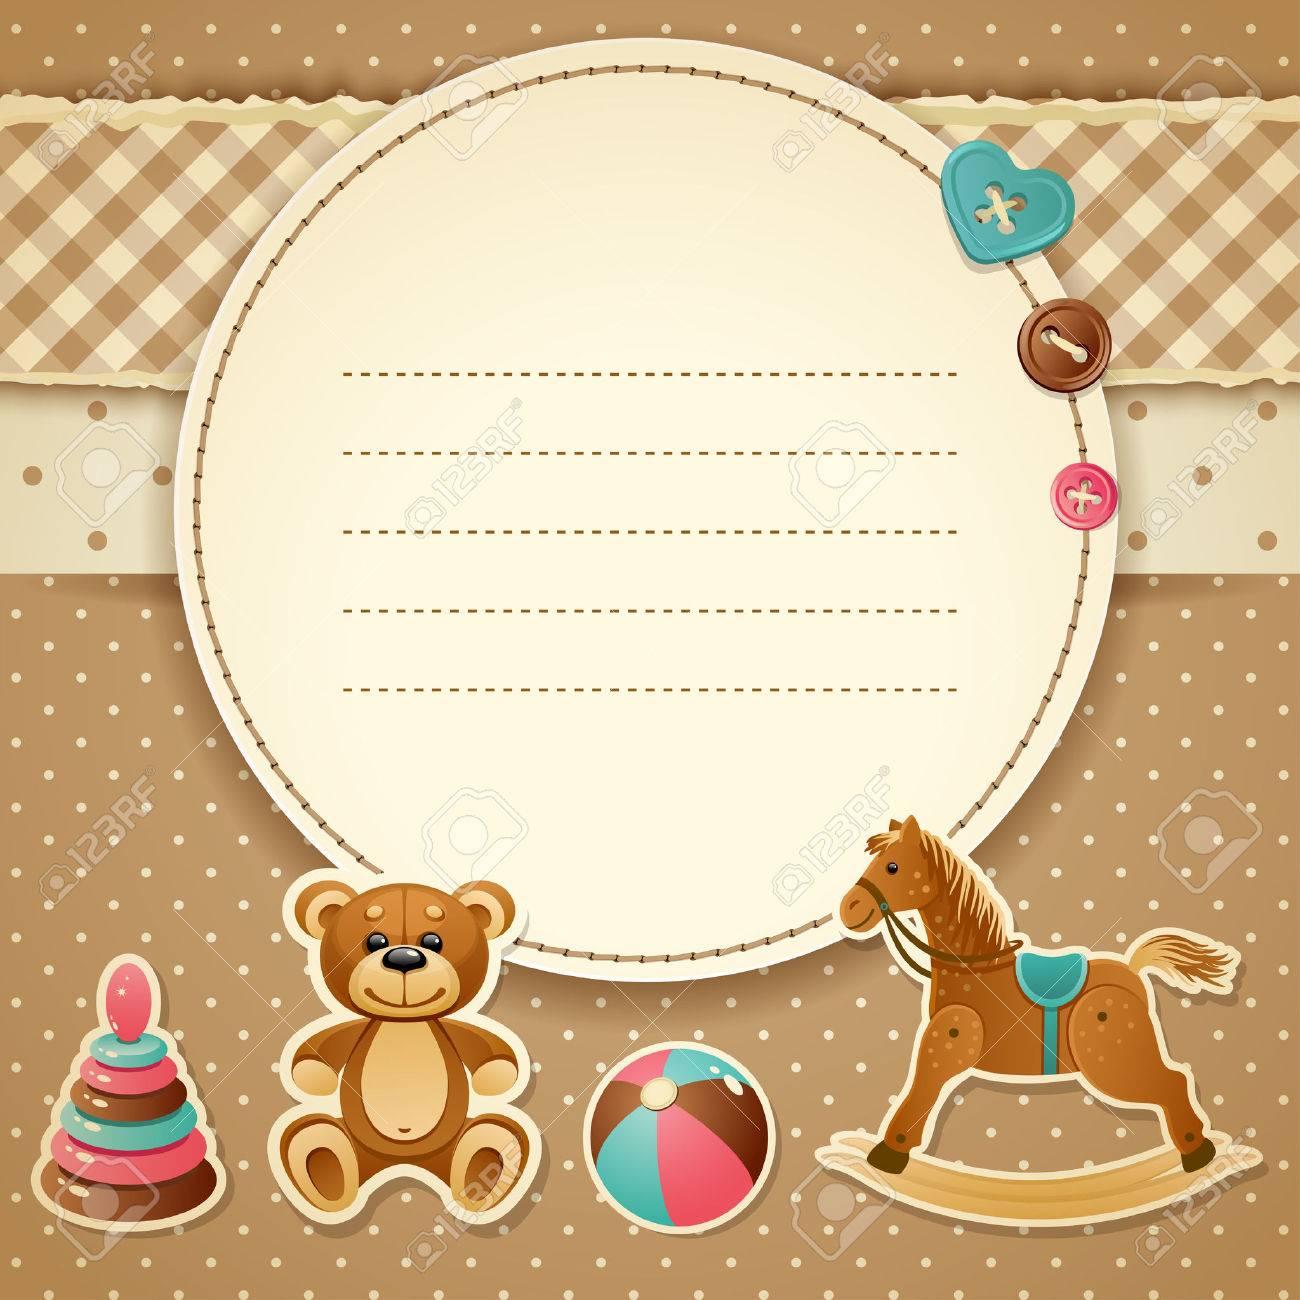 Abbildung Babyparty Einladung (Junge) Lizenzfreie Bilder   28508124